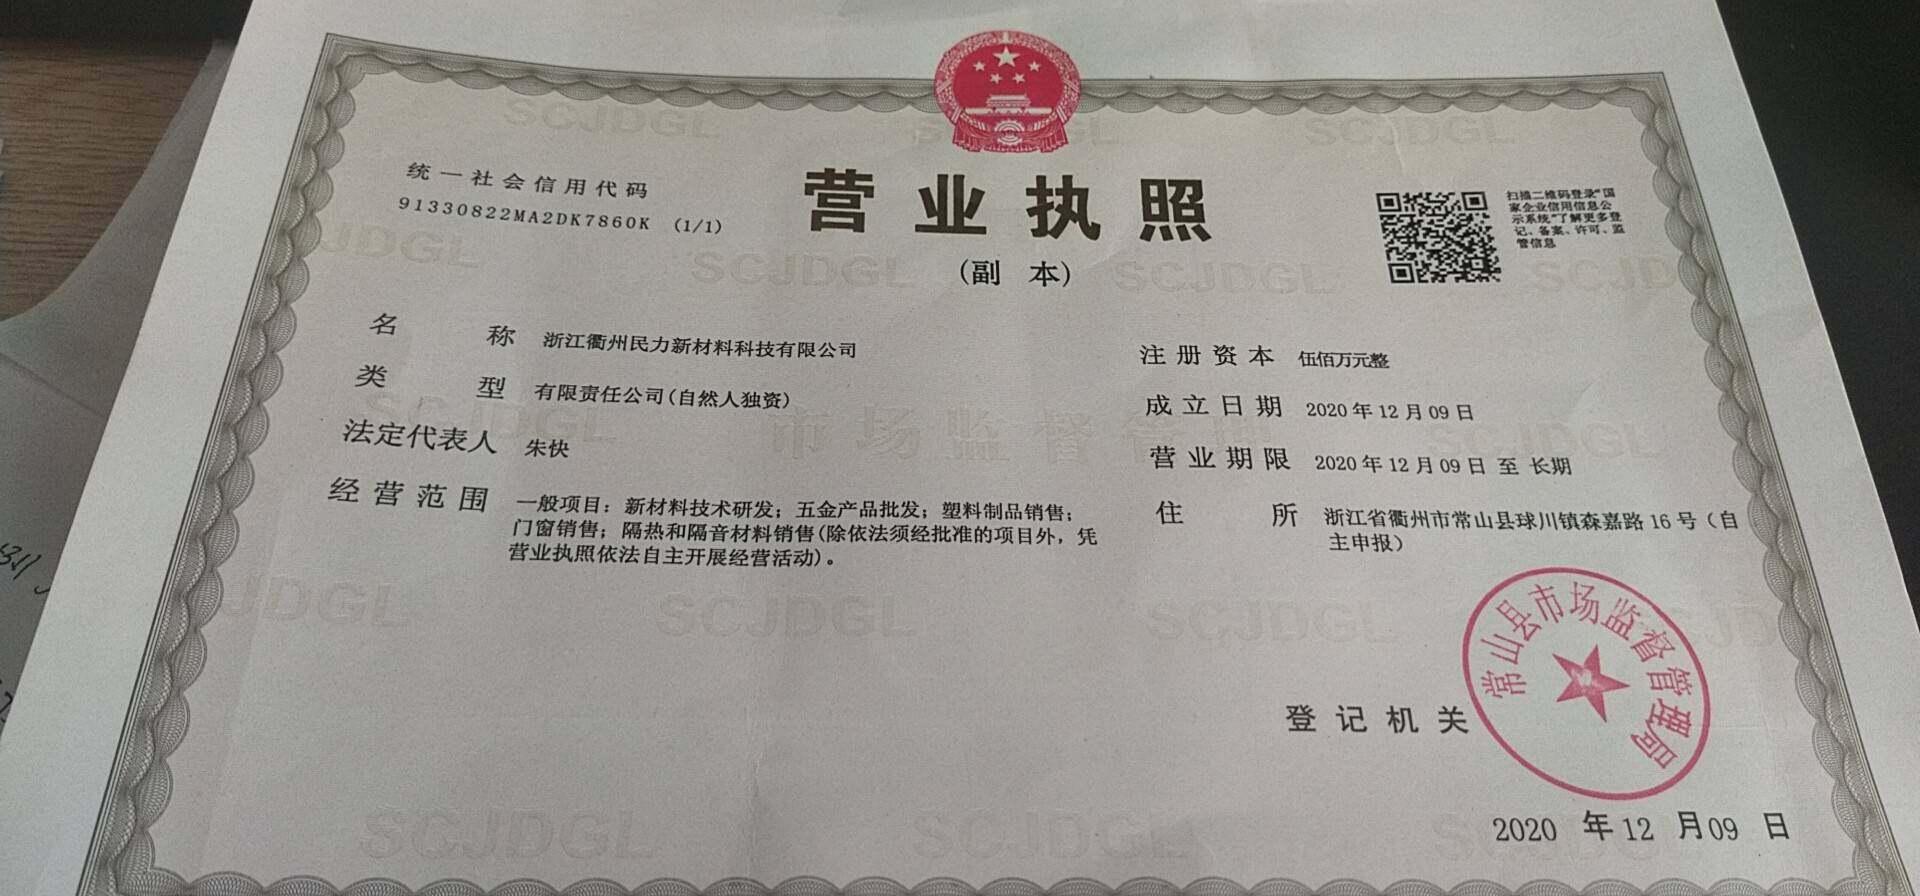 谢谢老师!我看过房产证上的地址和营业执照上地址不一样,那还可以去税局登记吗?